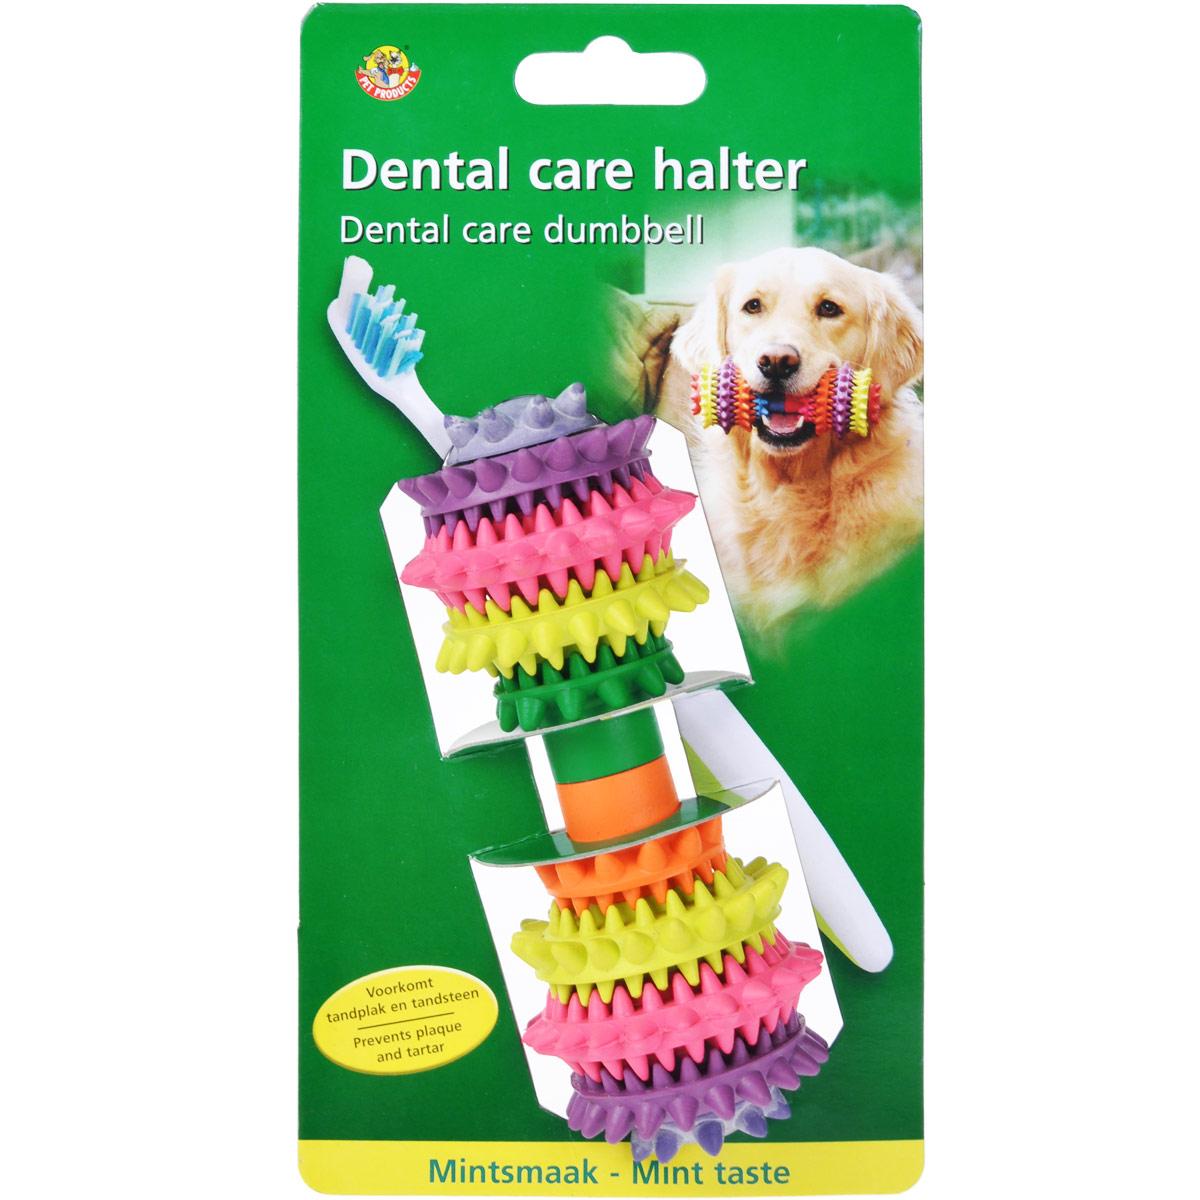 Игрушка для собак I.P.T.S. Гантель шипованная, для уходя за зубами, с запахом мяты16298/625415Игрушка для собак I.P.T.S. Гантель шипованная изготовлена из резины с приятным запахом мяты в виде гантели со специальными шипами, предназначенными для ухода за зубами. Предотвращает образование зубного камня. Предназначена для игр с собаками любого возраста. Такая игрушка привлечет внимание вашего любимца и не оставит его равнодушным. Длина: 14 см.